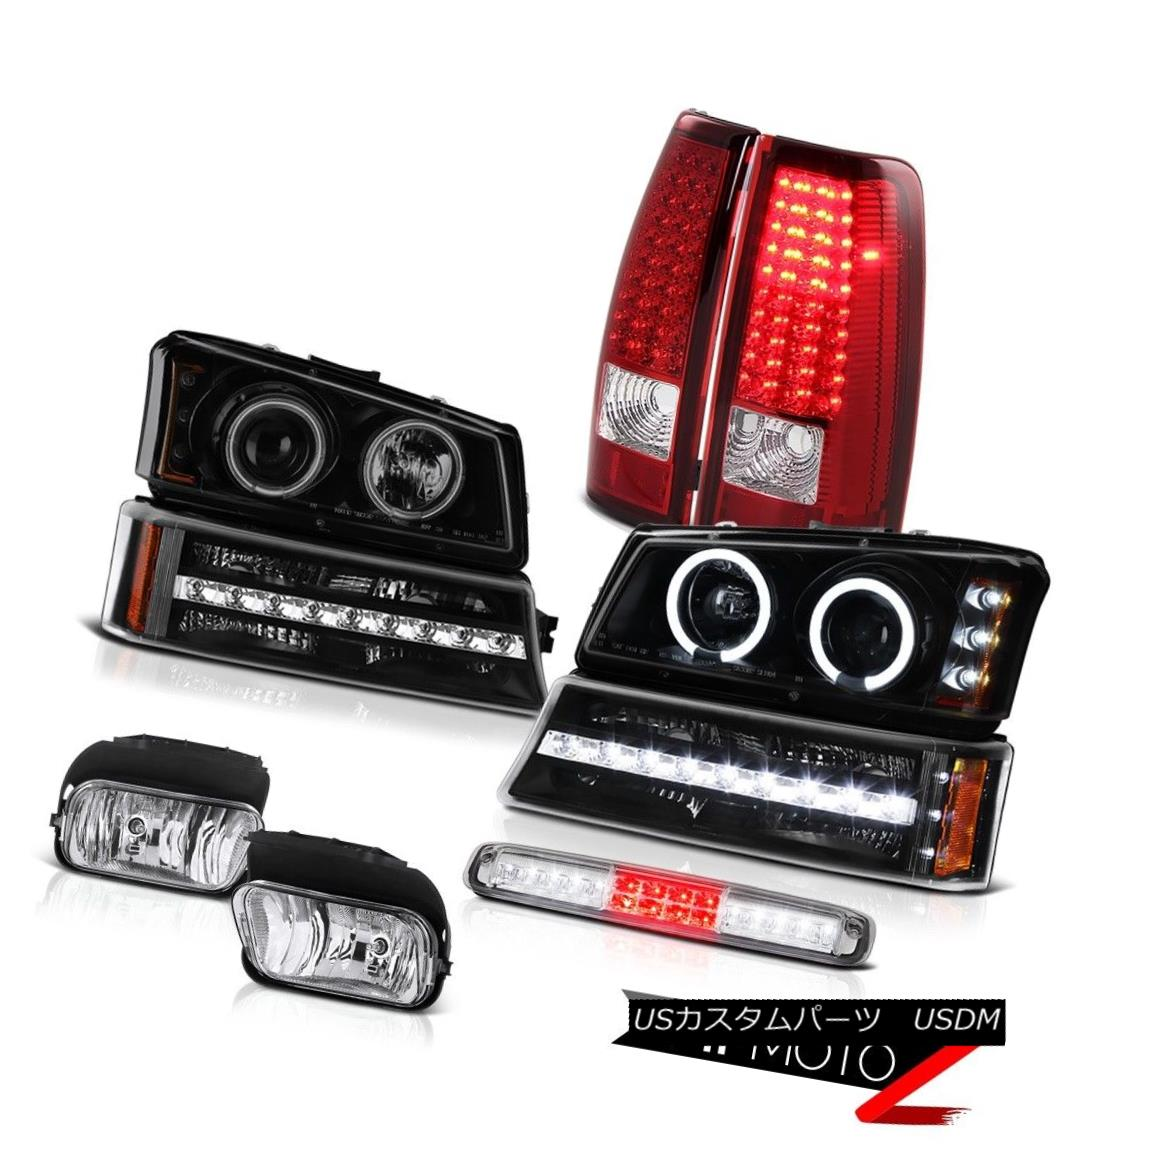 テールライト 2003-2006 Silverado Foglamps Roof Cab Lamp Turn Signal Headlamps Taillamps LED 2003-2006シルバラードフォグランプルーフキャブランプターンシグナルヘッドランプタイルランプ